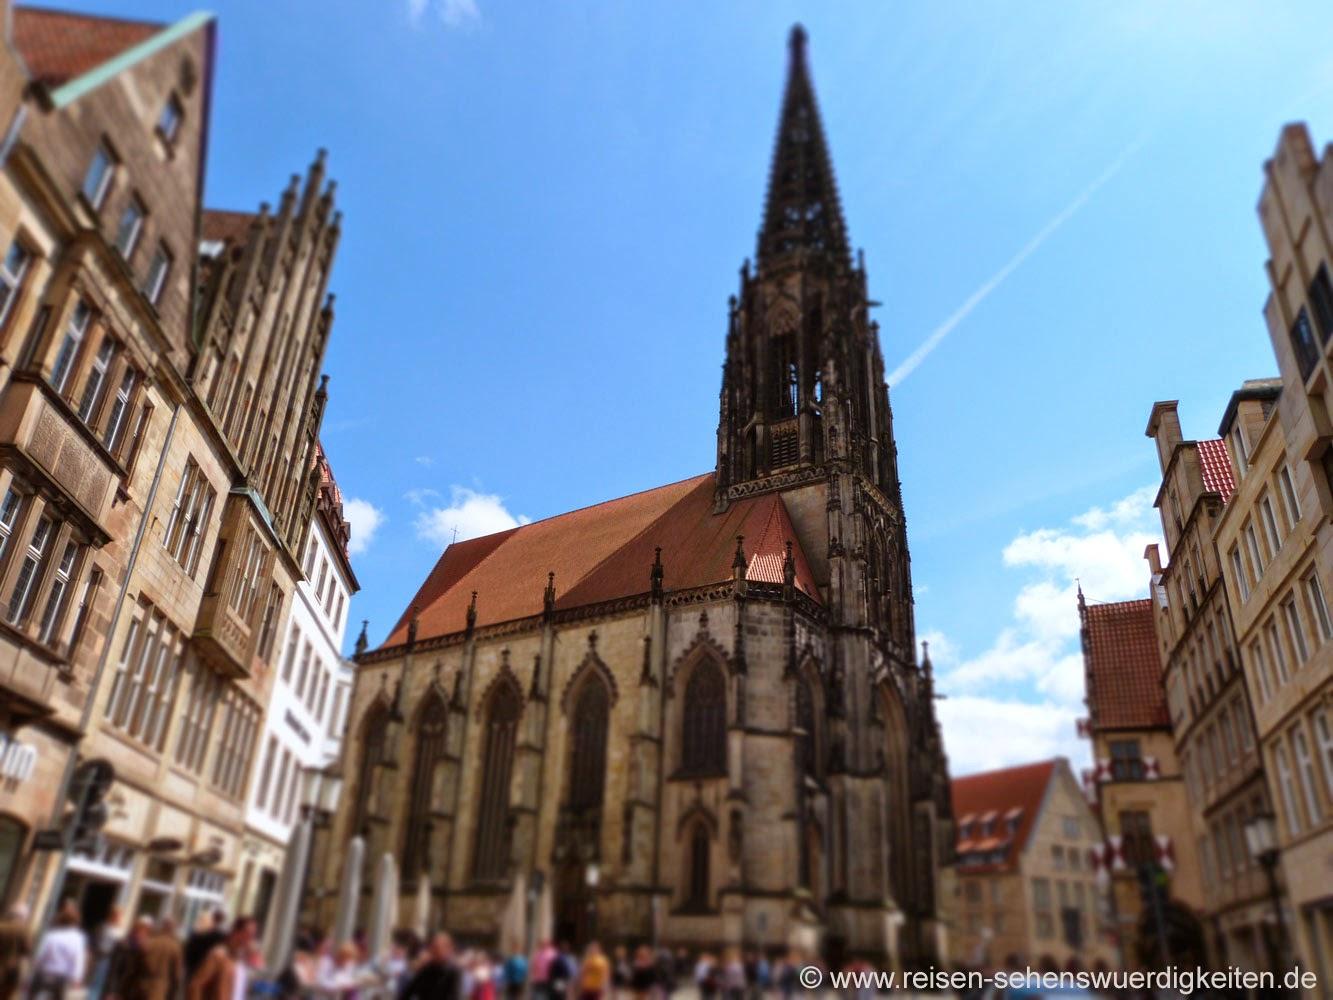 Sehenswürdigkeiten in Münster, St. Lamberti Kirche Münster am Prinzipalmarkt